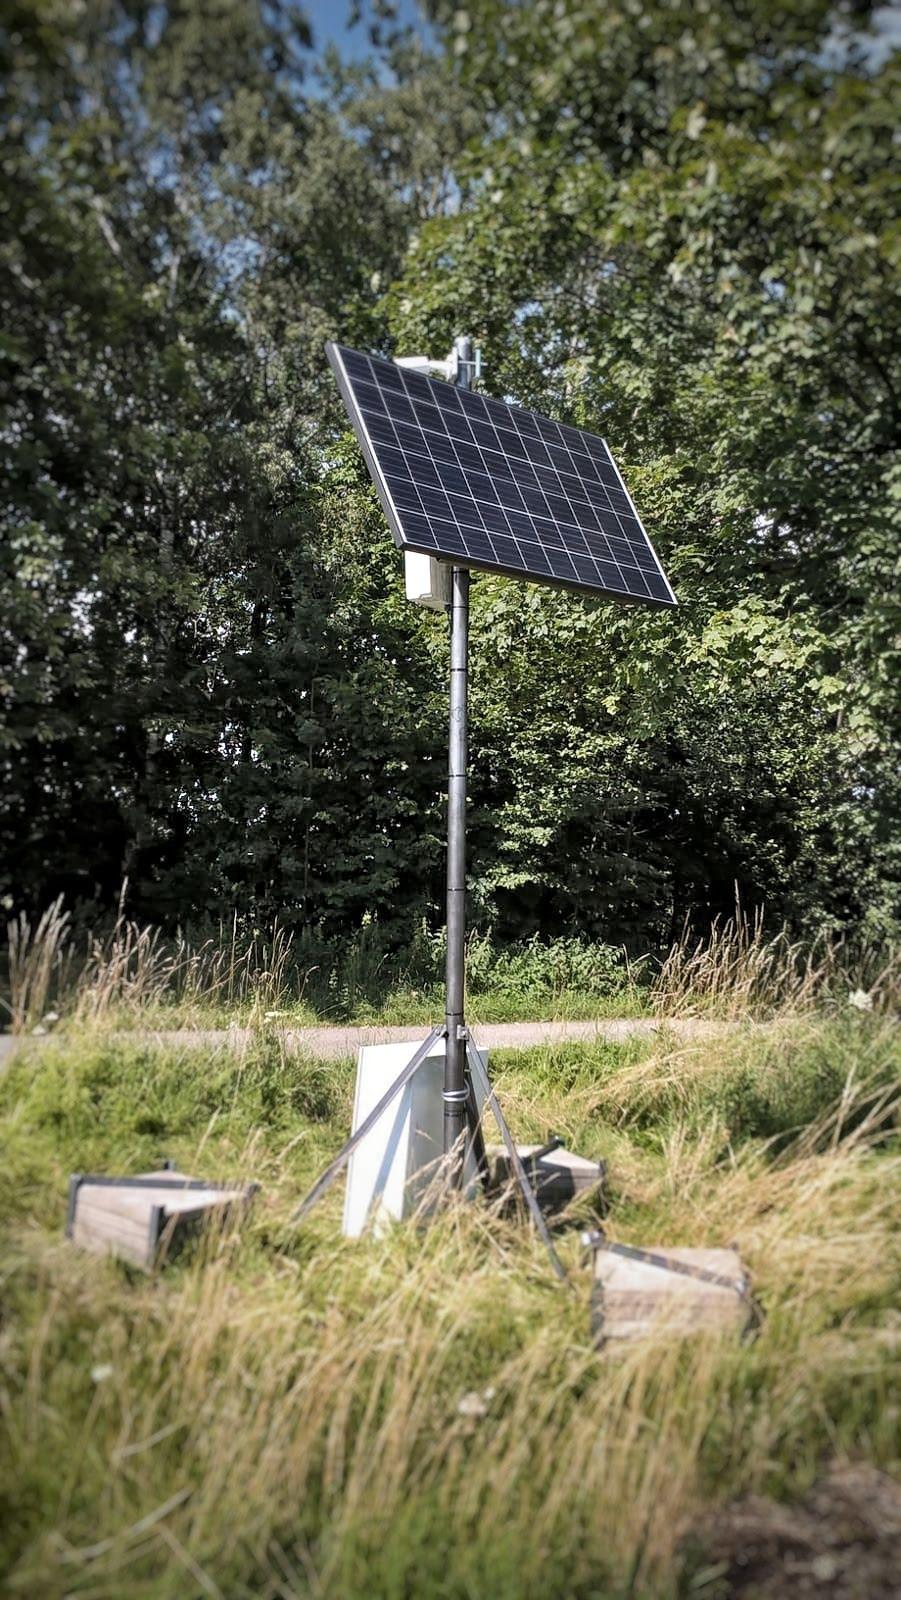 Ostrovní fotovoltaický systém pro kamerový dohled